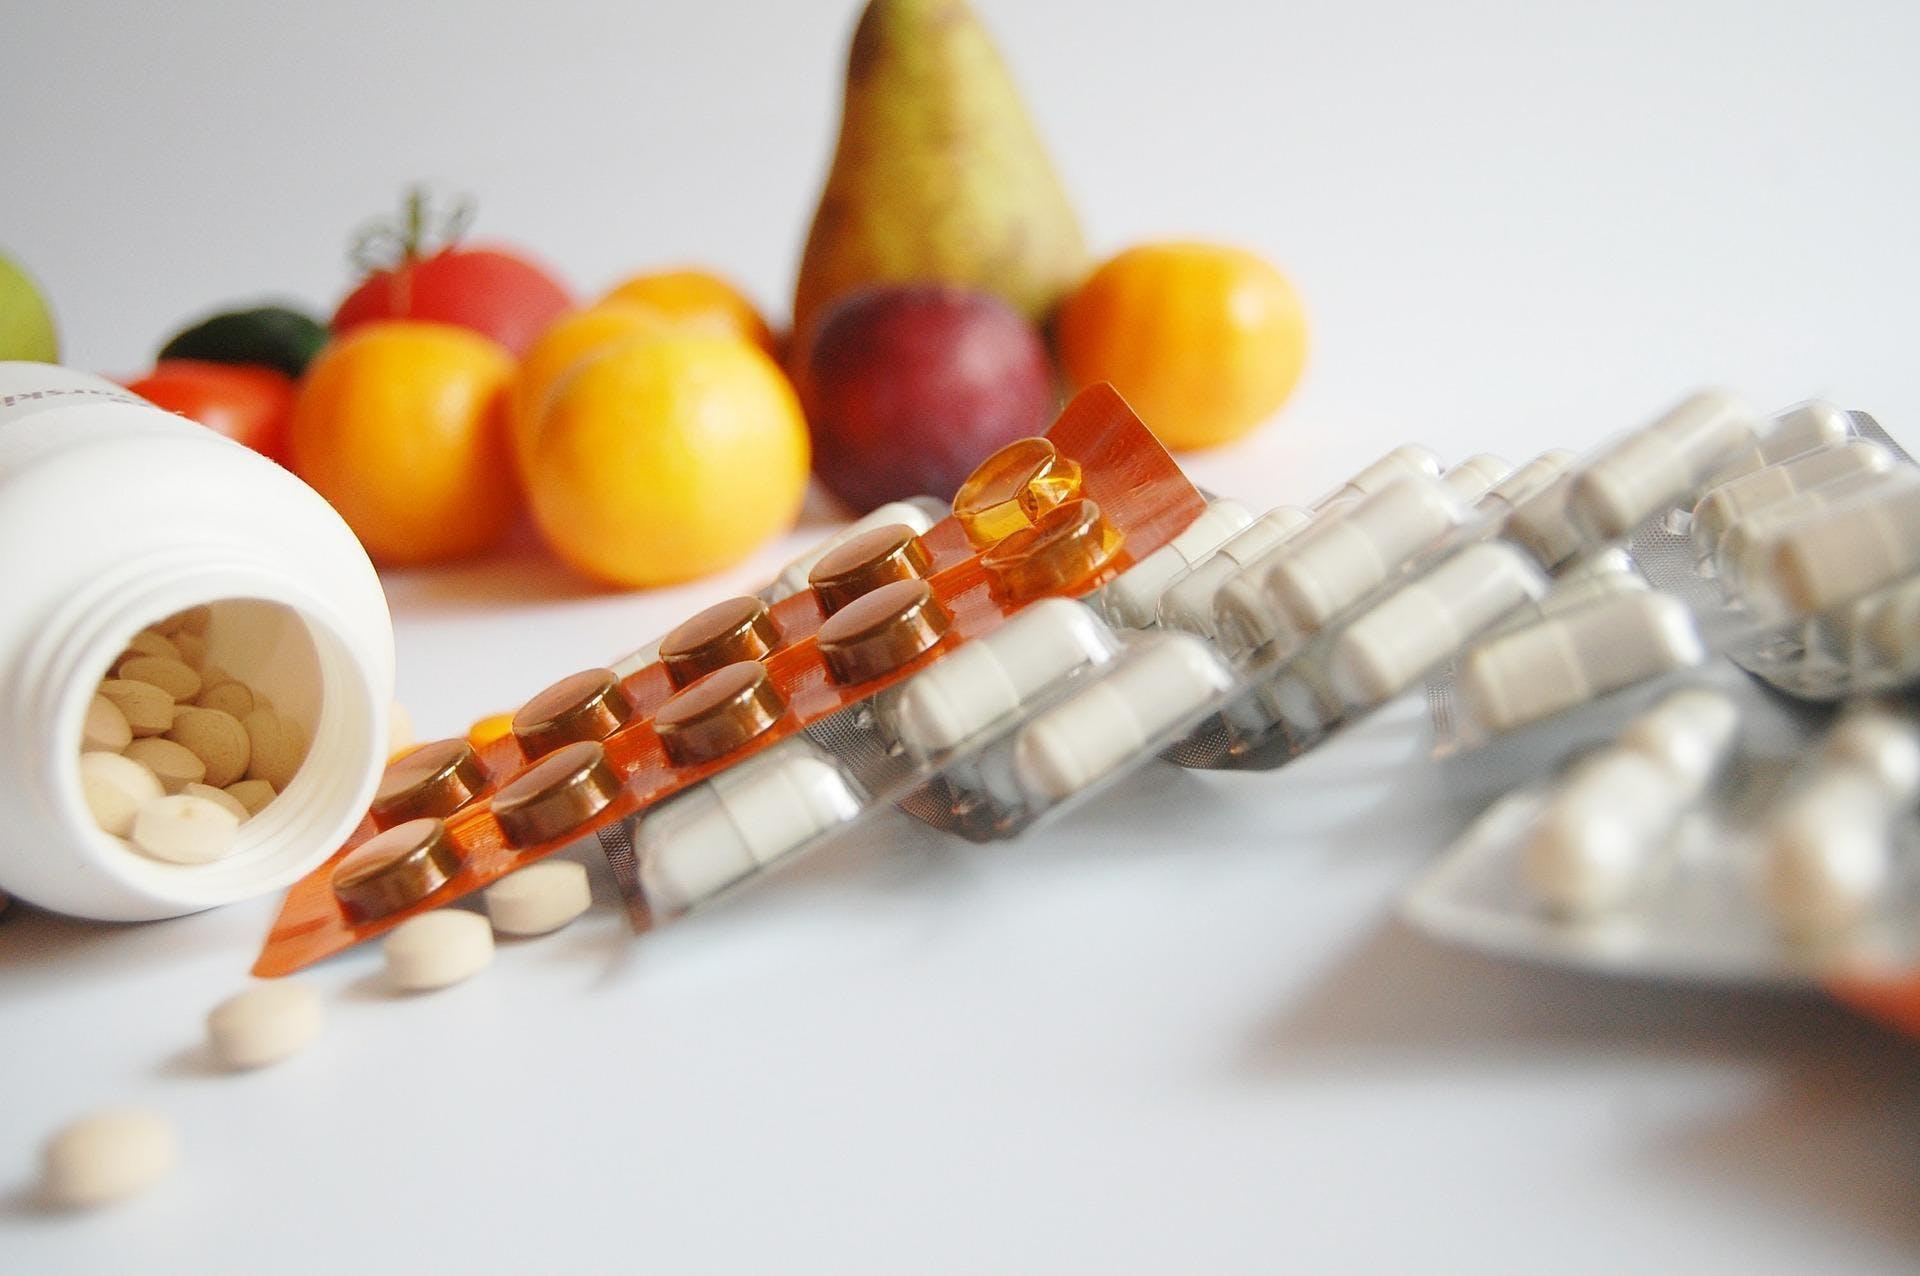 Café GEZIeN Barendrecht: medicatie #watpastbi